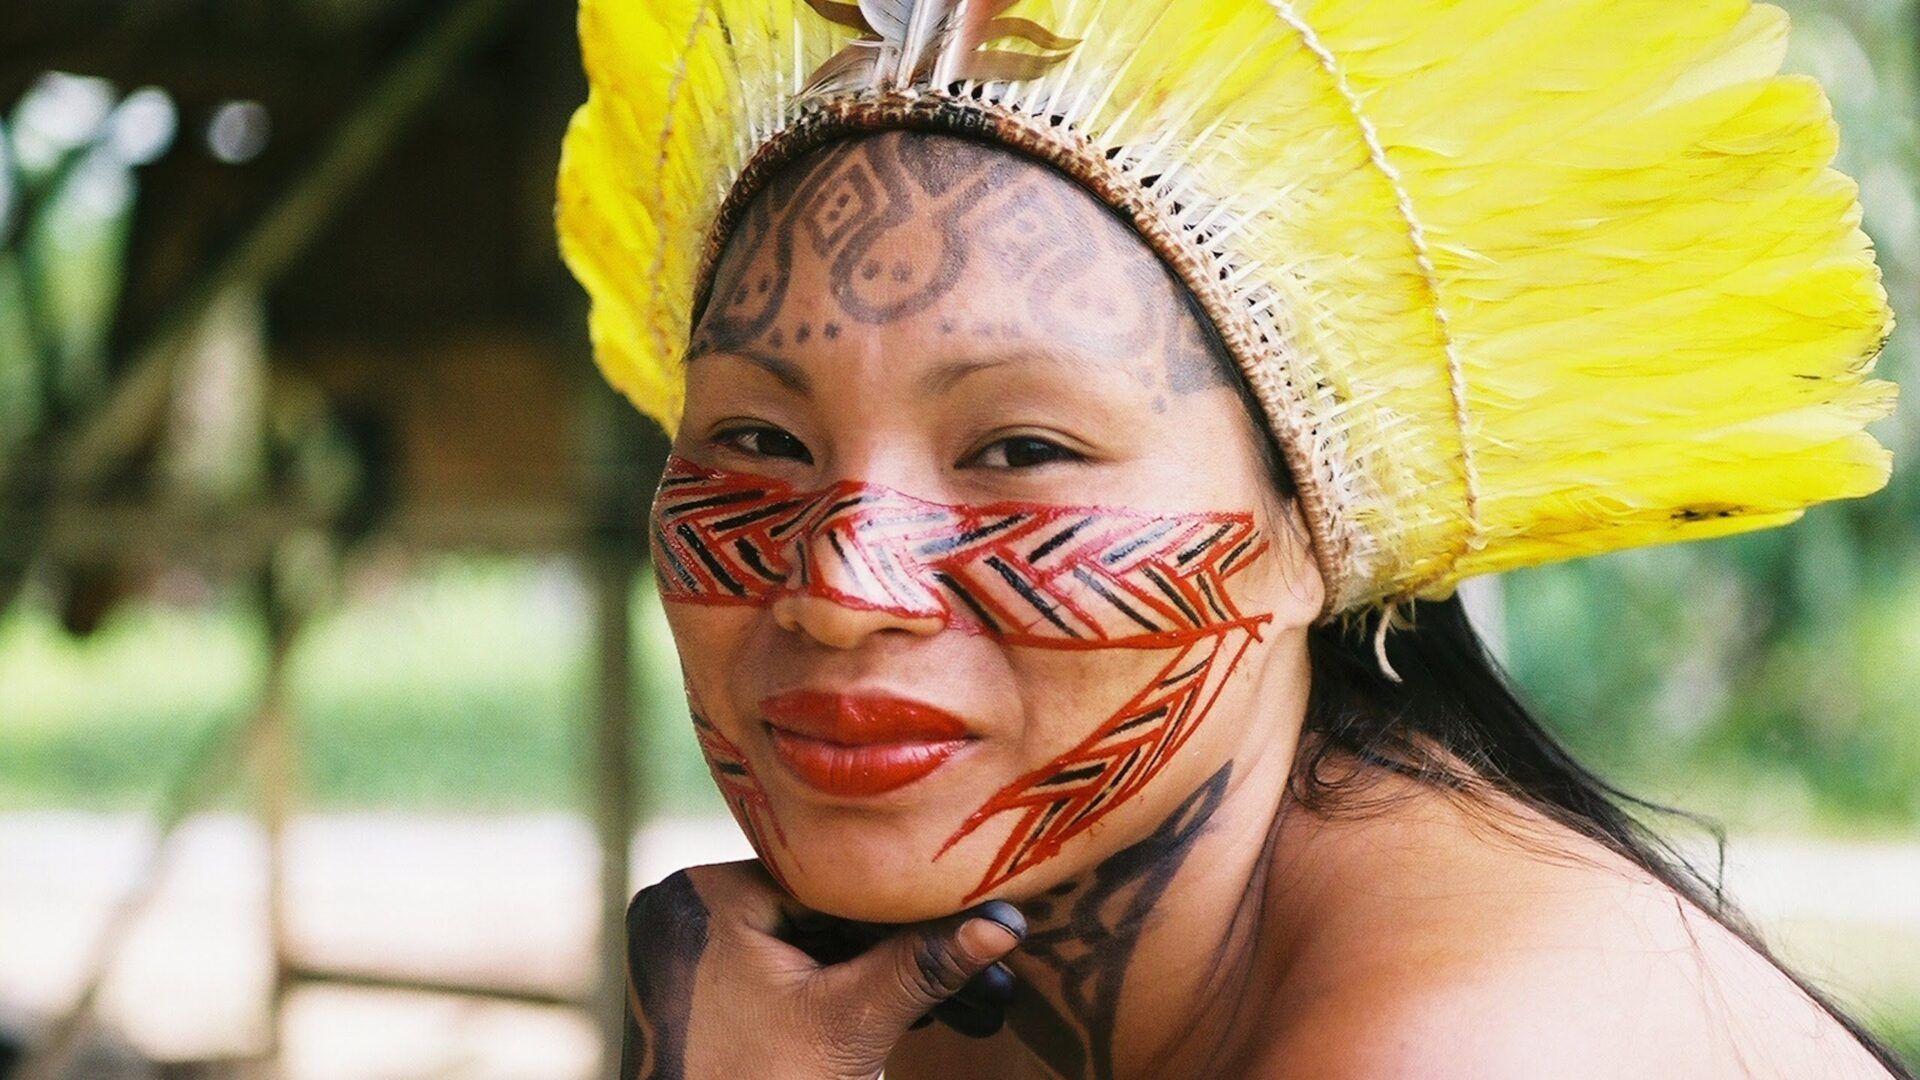 Dia do Índio - origem, história e importância da celebração